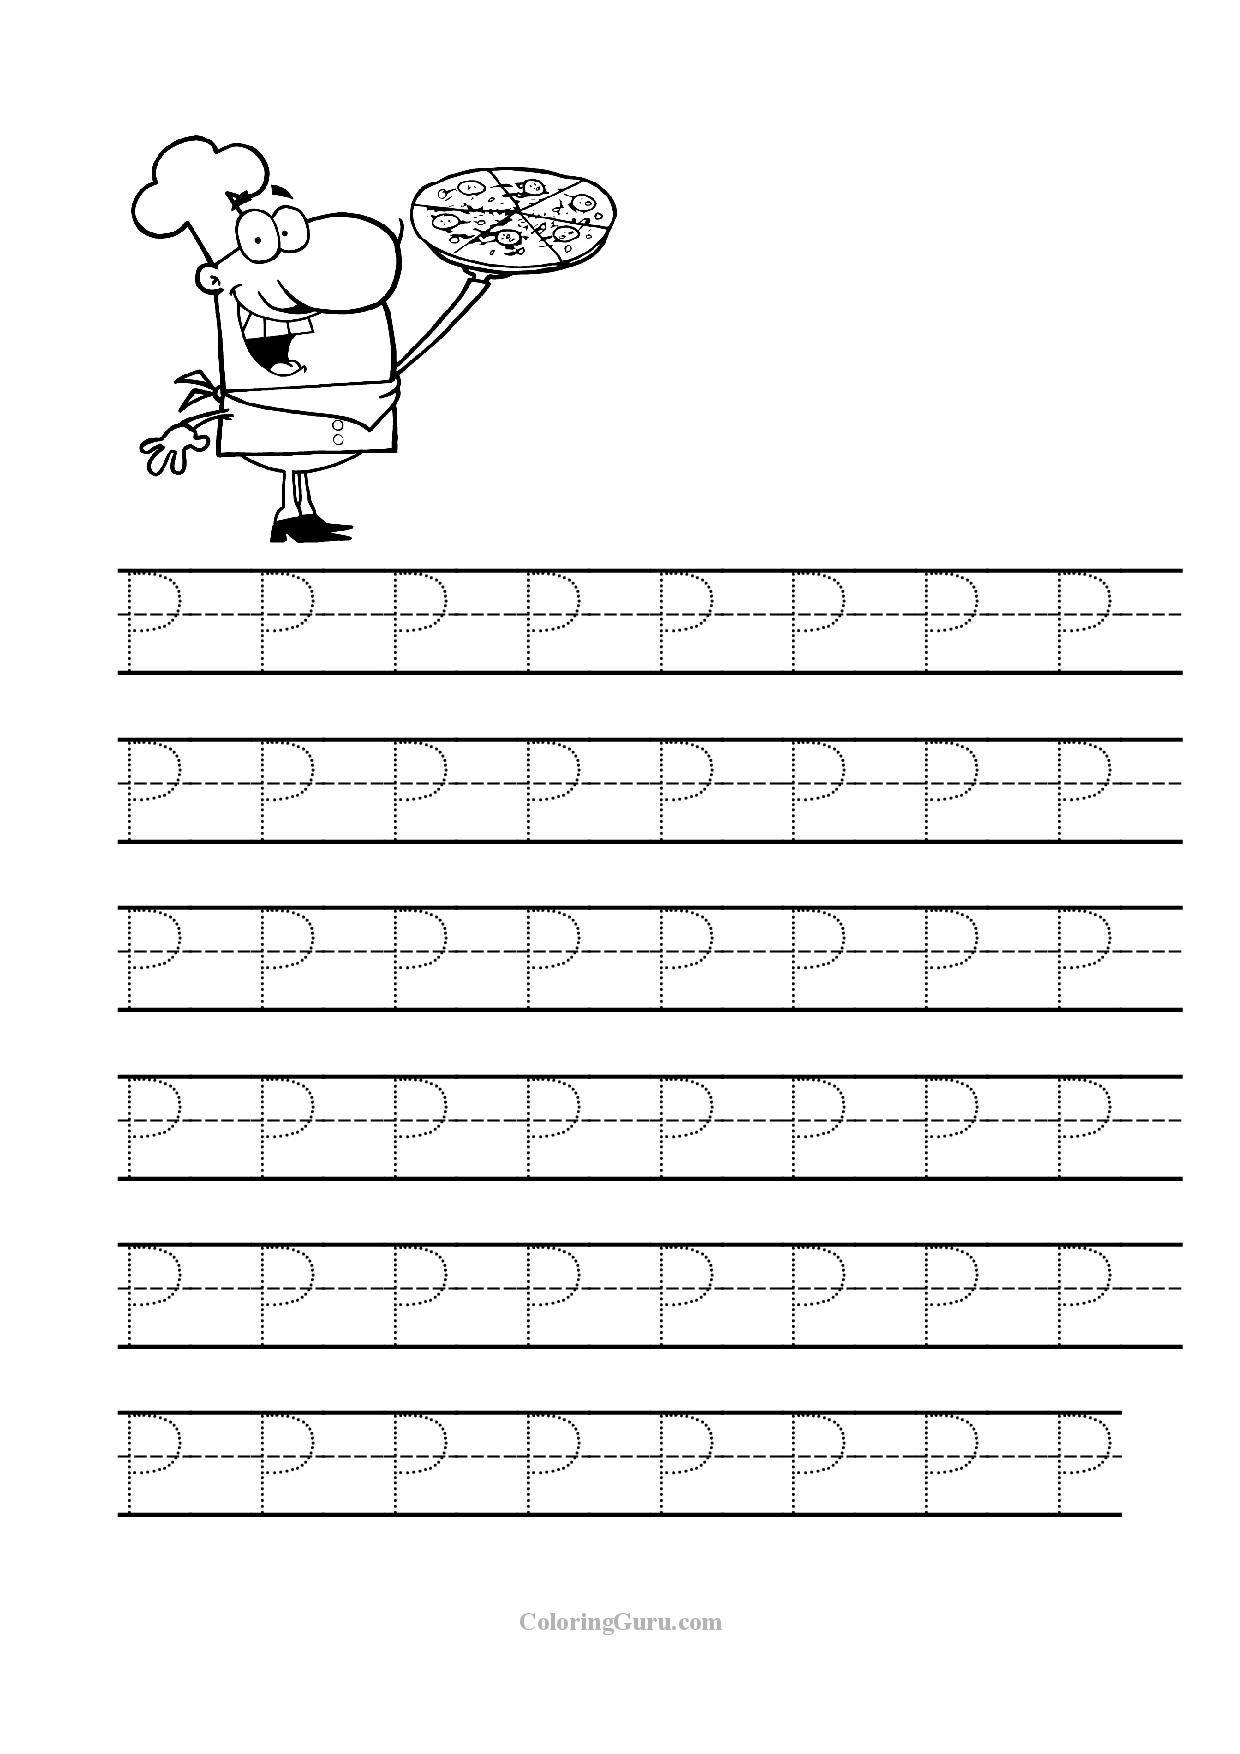 Letter P Preschool Worksheets Free Printable Tracing Letter P Worksheets for Preschool